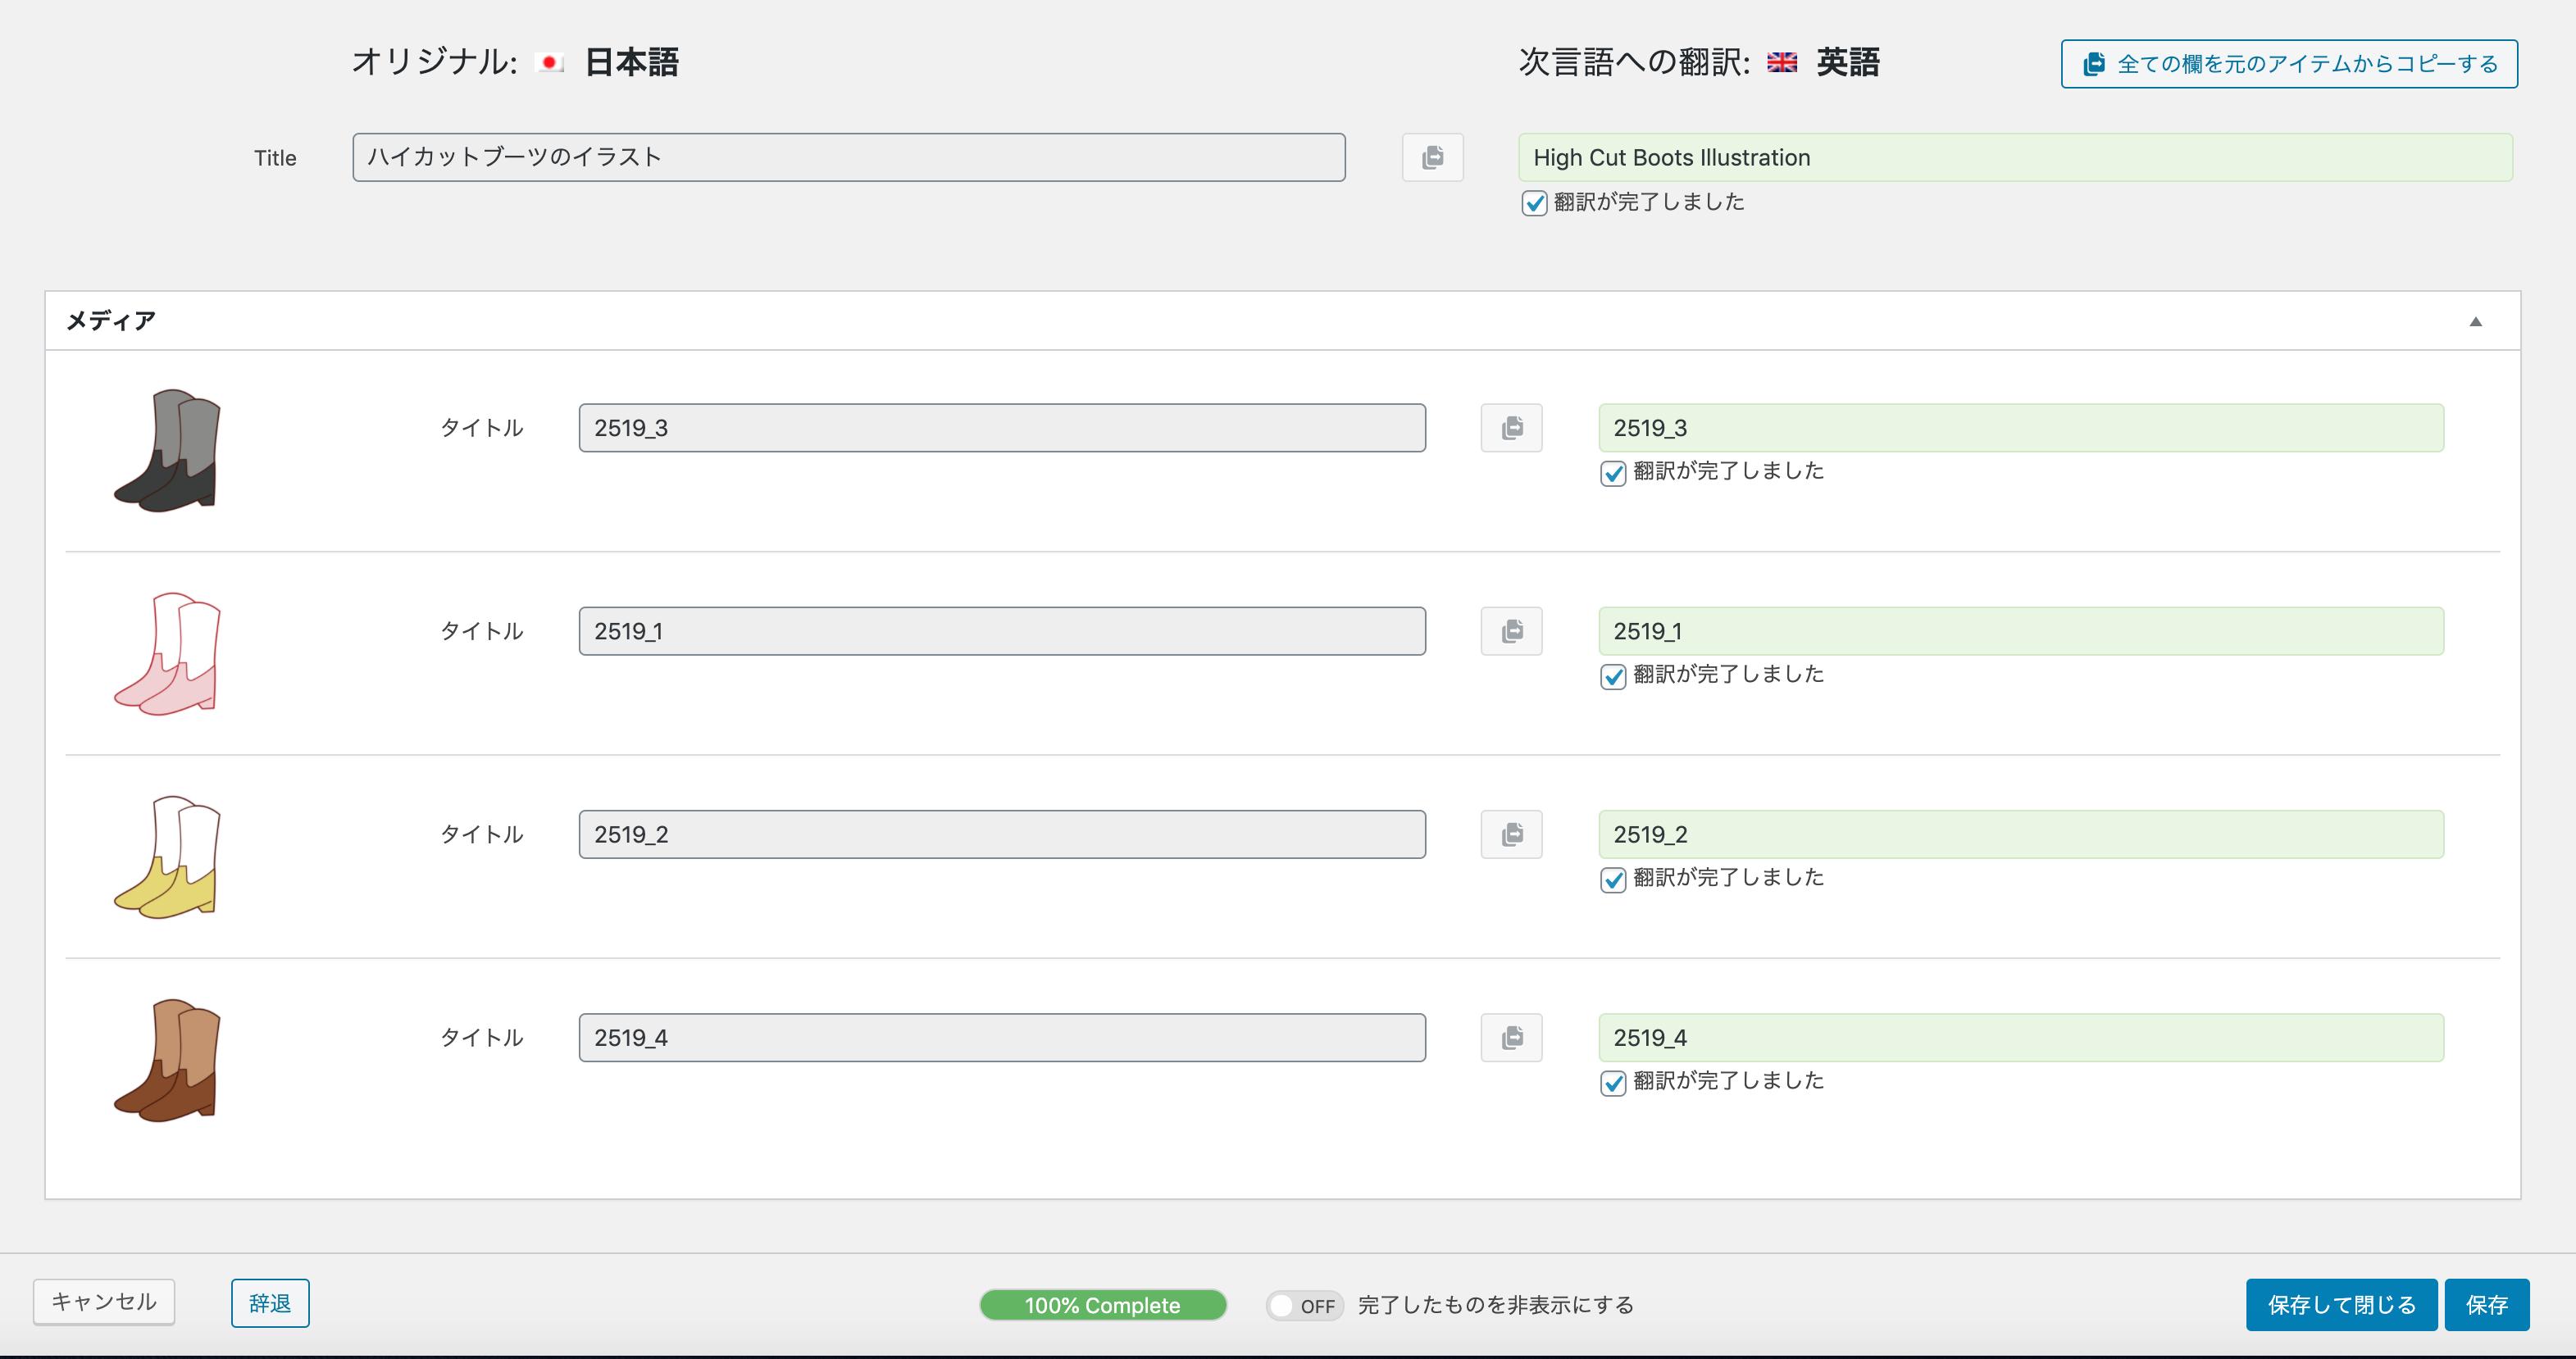 スクリーンショット 2020-04-04 1.52.08.png